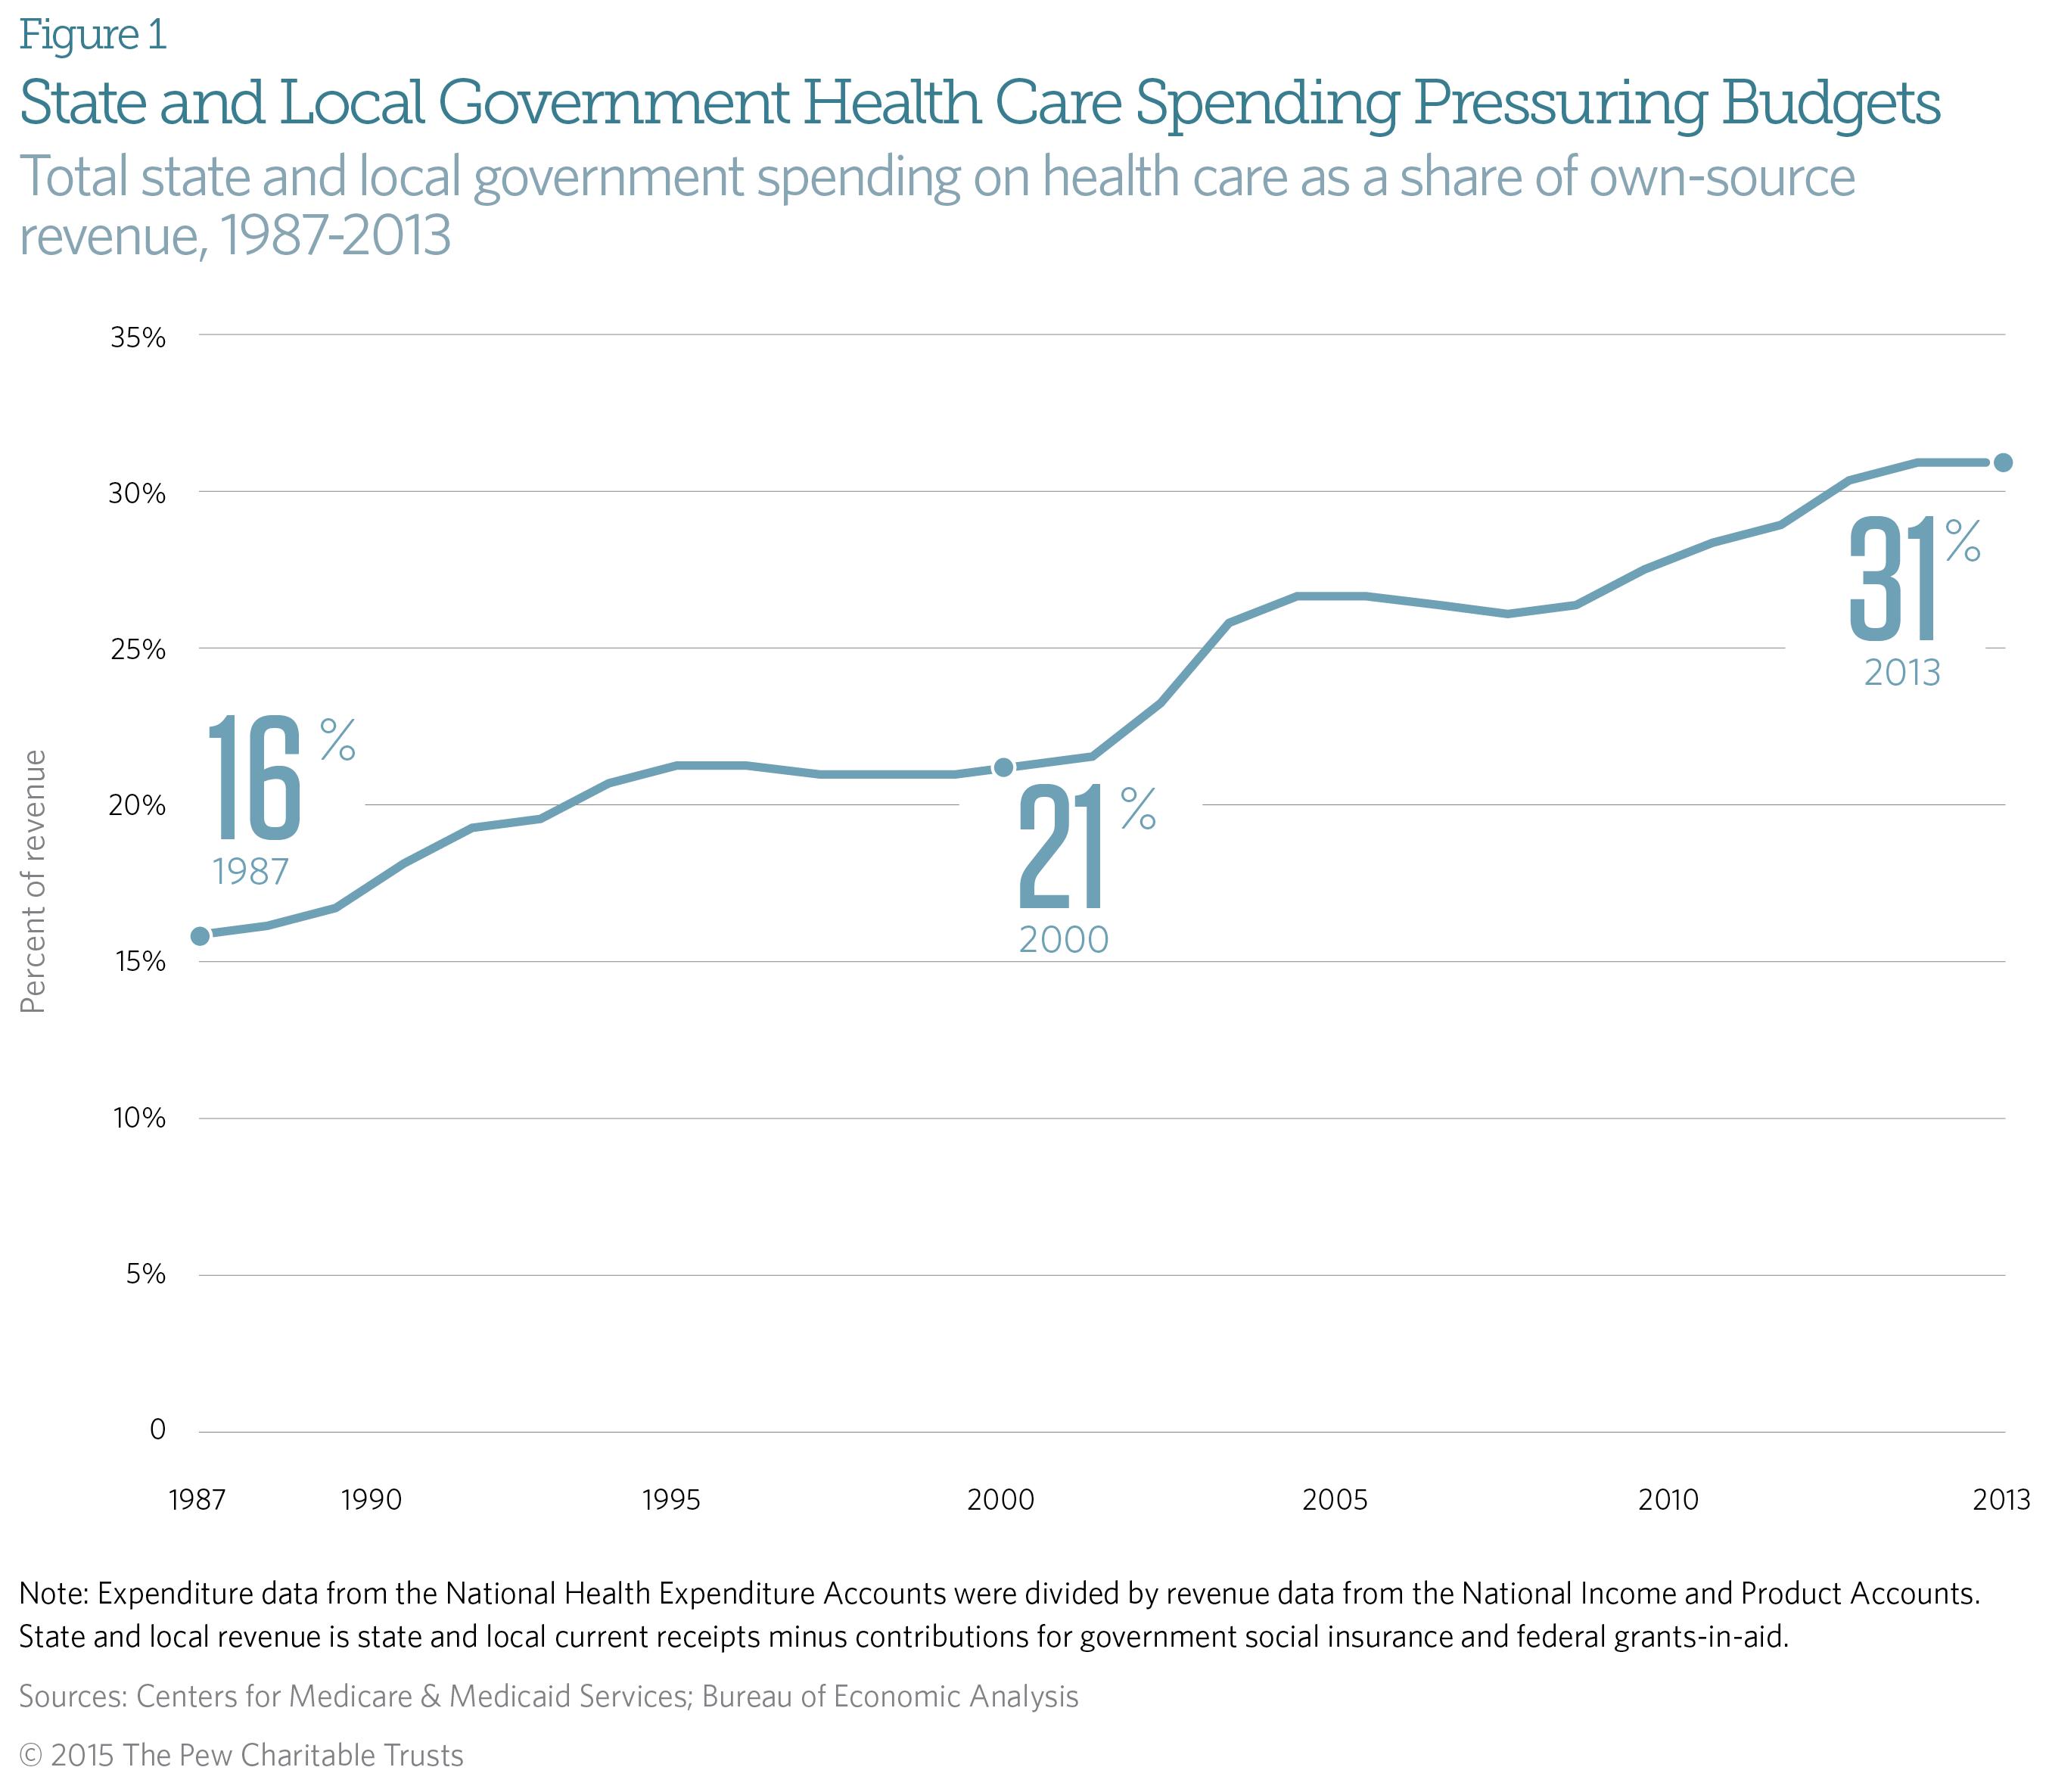 Nurse Legislators: Representing Health Care in State Government